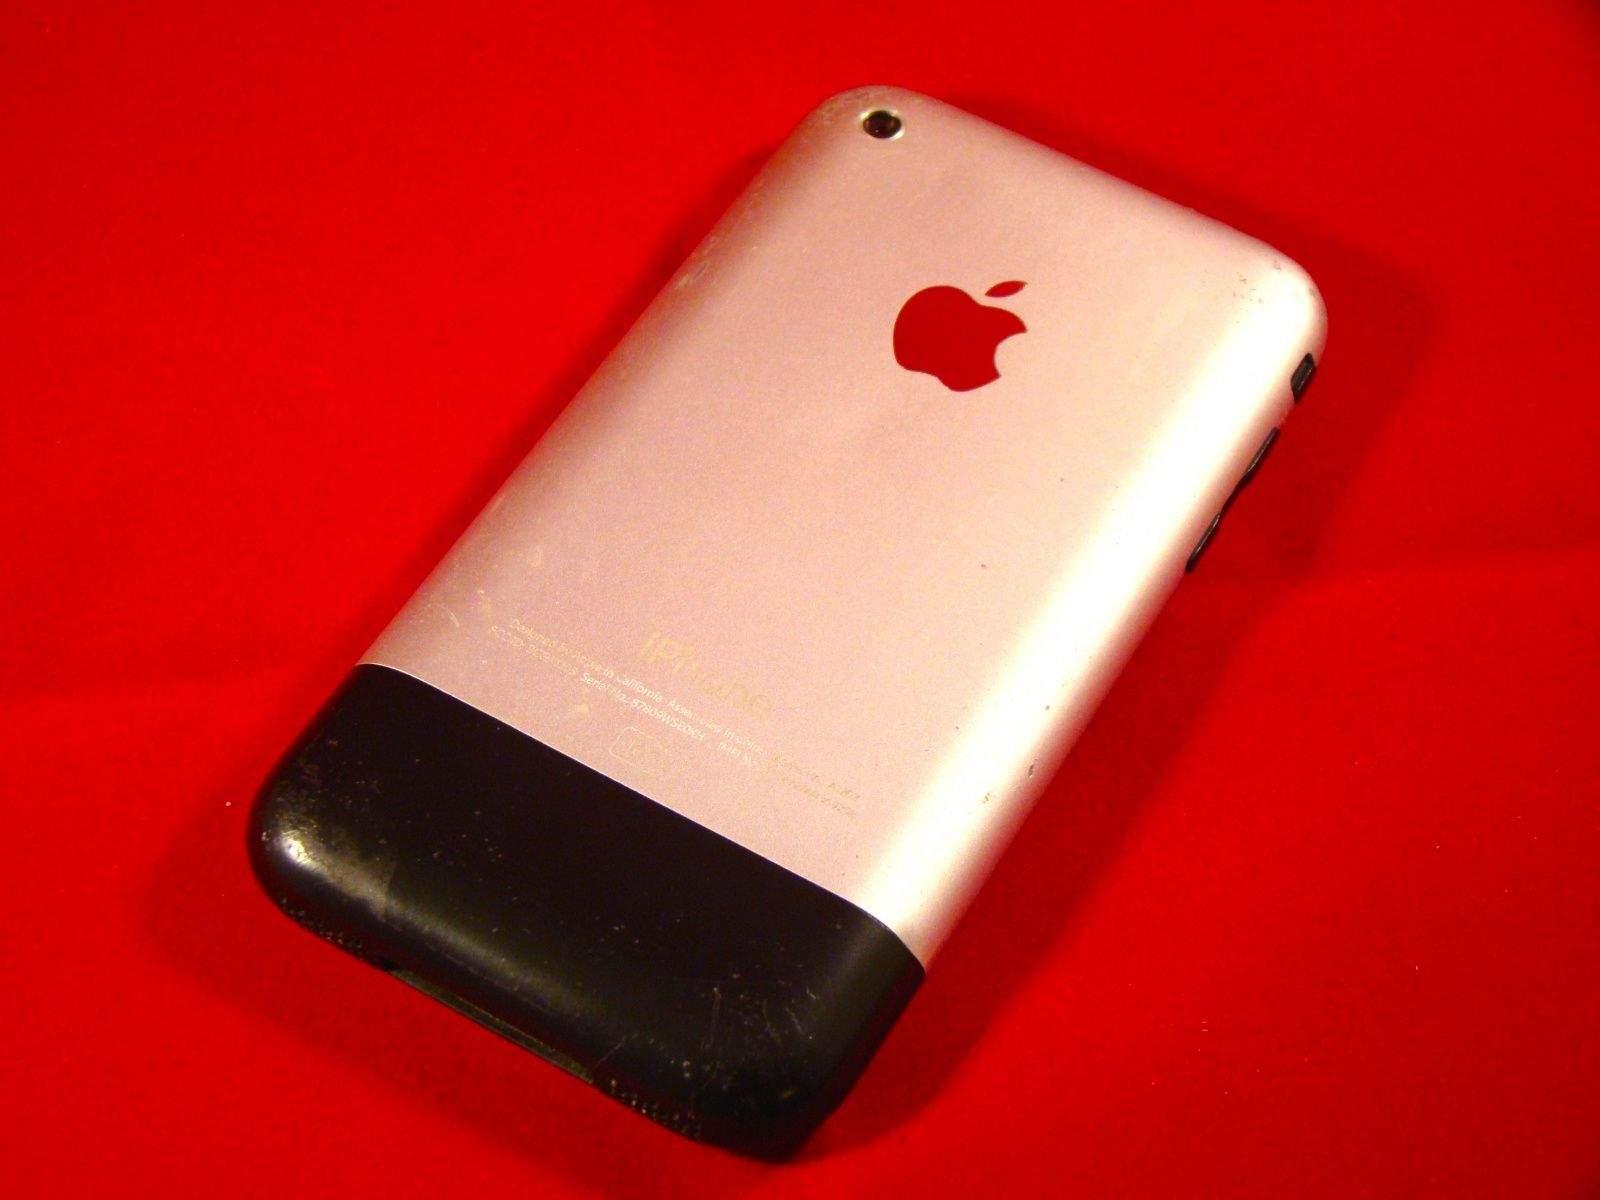 Logo Apple là một quả táo cắn dở, lý do đằng sau sẽ khiến bạn